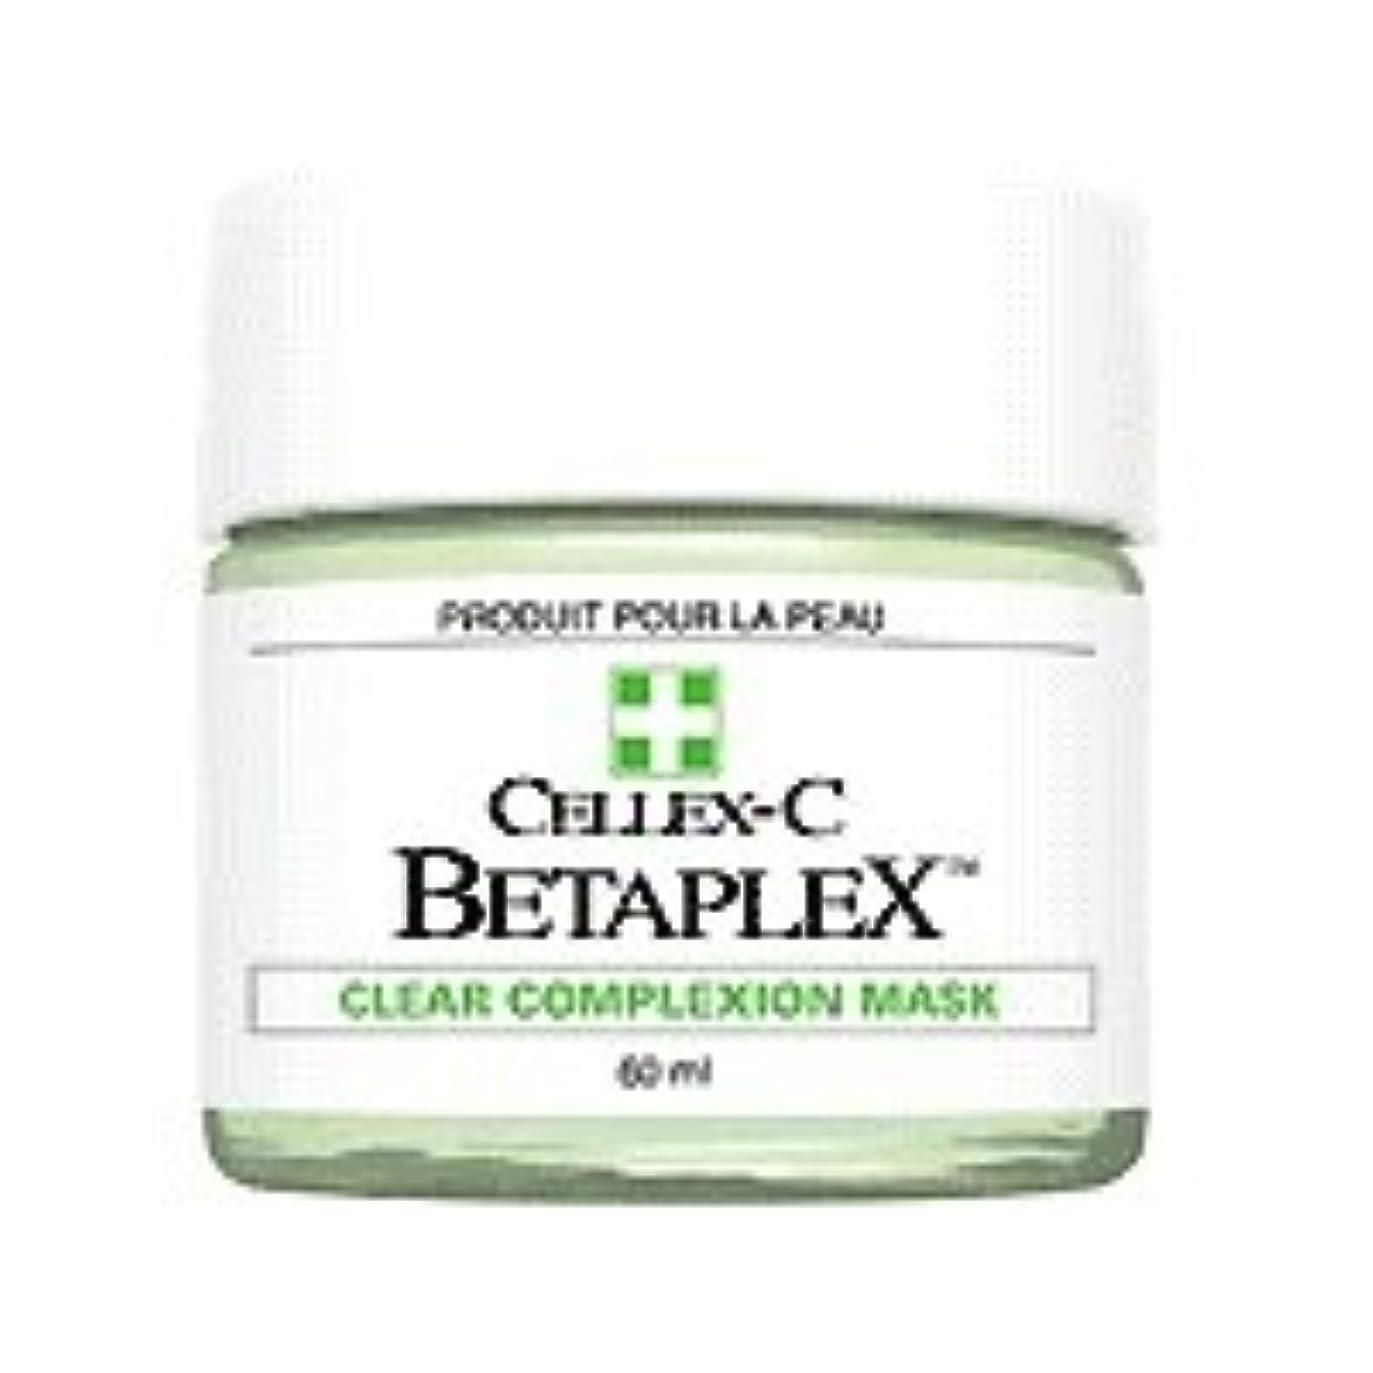 ポルノ行進補助金セレックスC Betaplex クリアコンプレクションマスク60ml 60ml